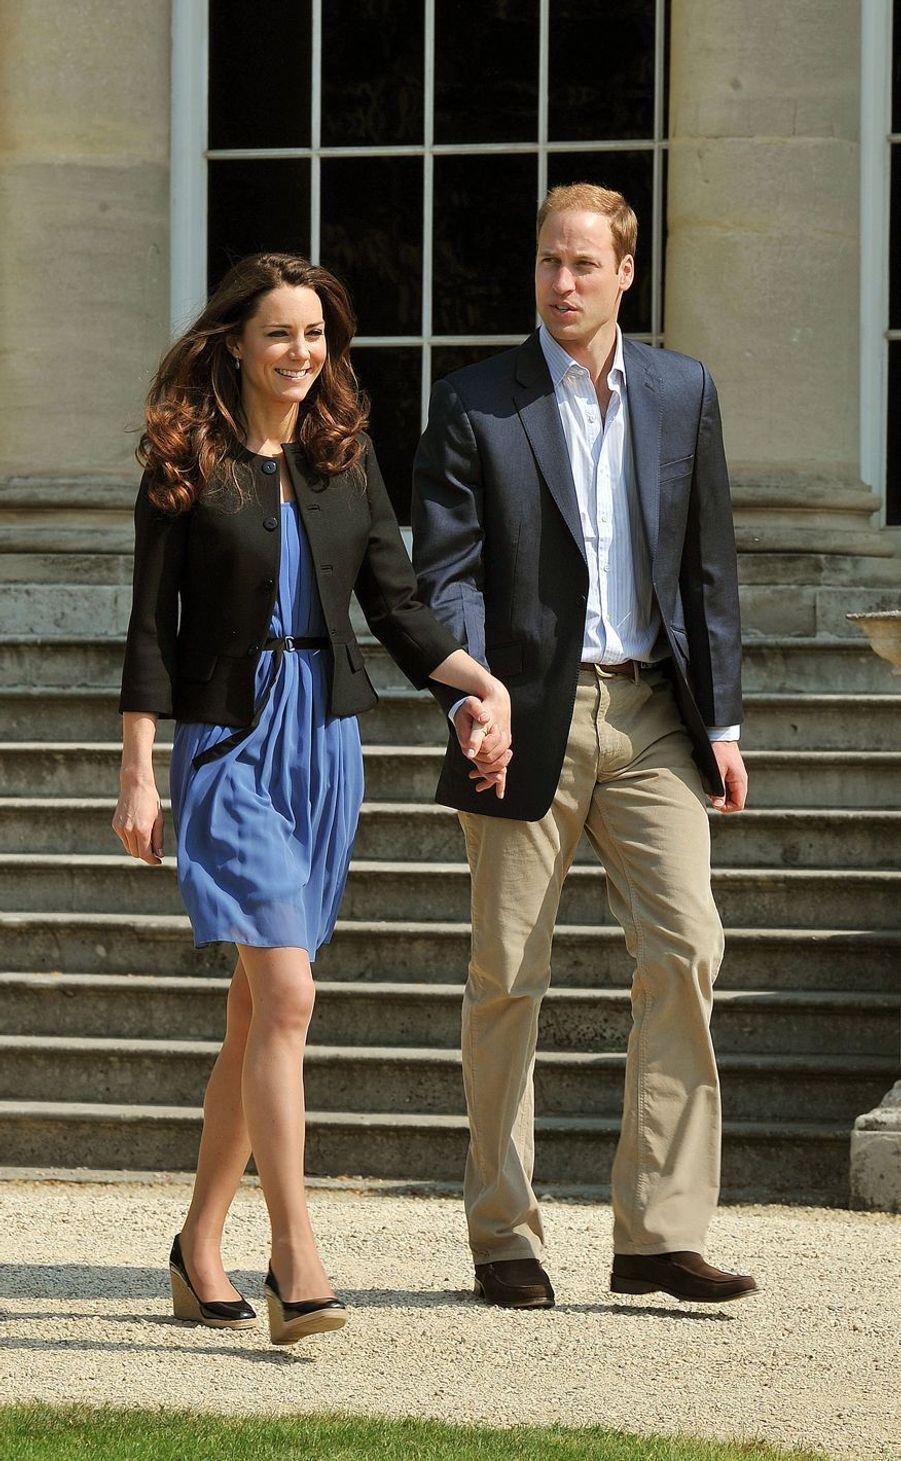 Kate Middleton et le prince William au lendemain de leur mariage à Buckingham Palace le 30 avril 2011